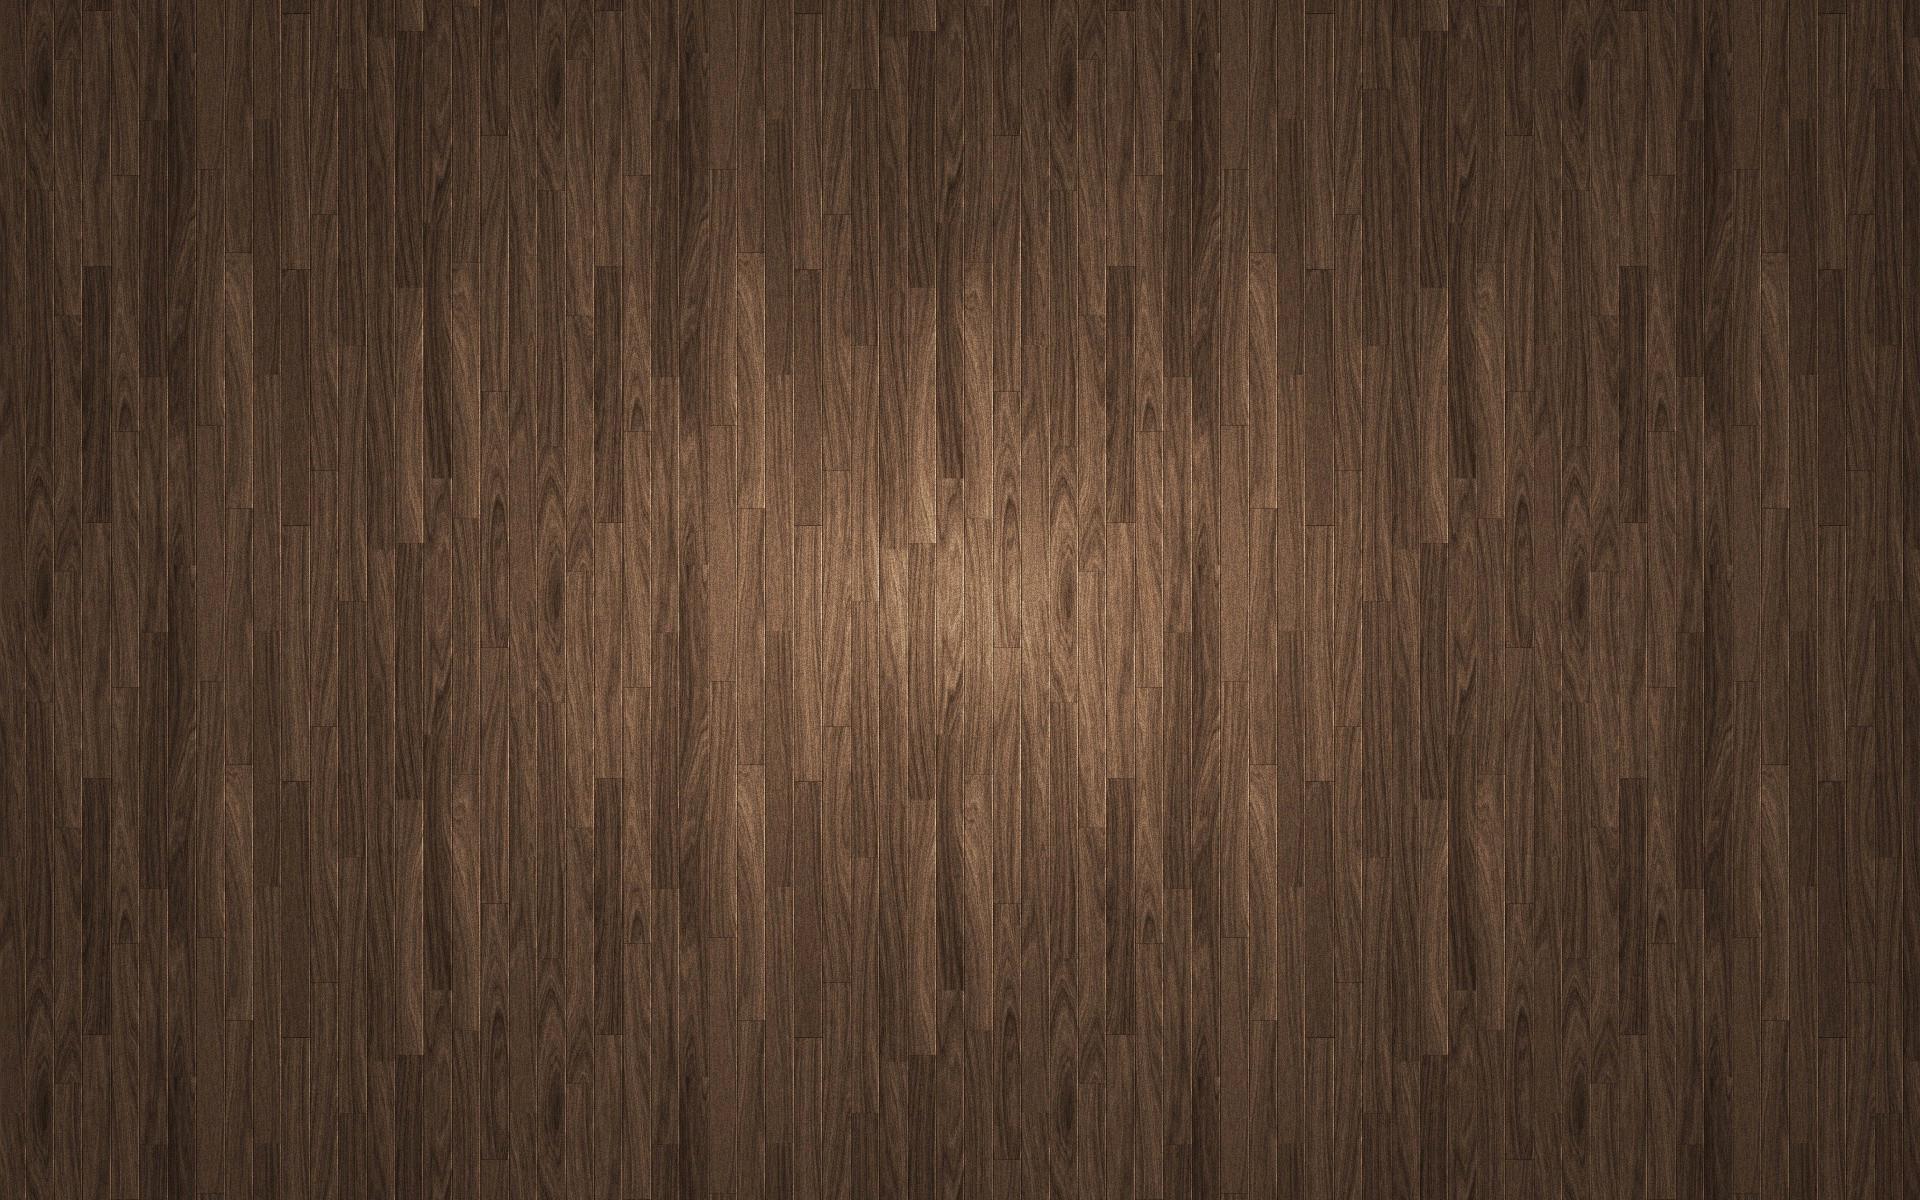 hardwood floors and water of free hardwood floor installation best of floor wood floor texture throughout free hardwood floor installation best of floor wood floor texture render considering the best wood floor